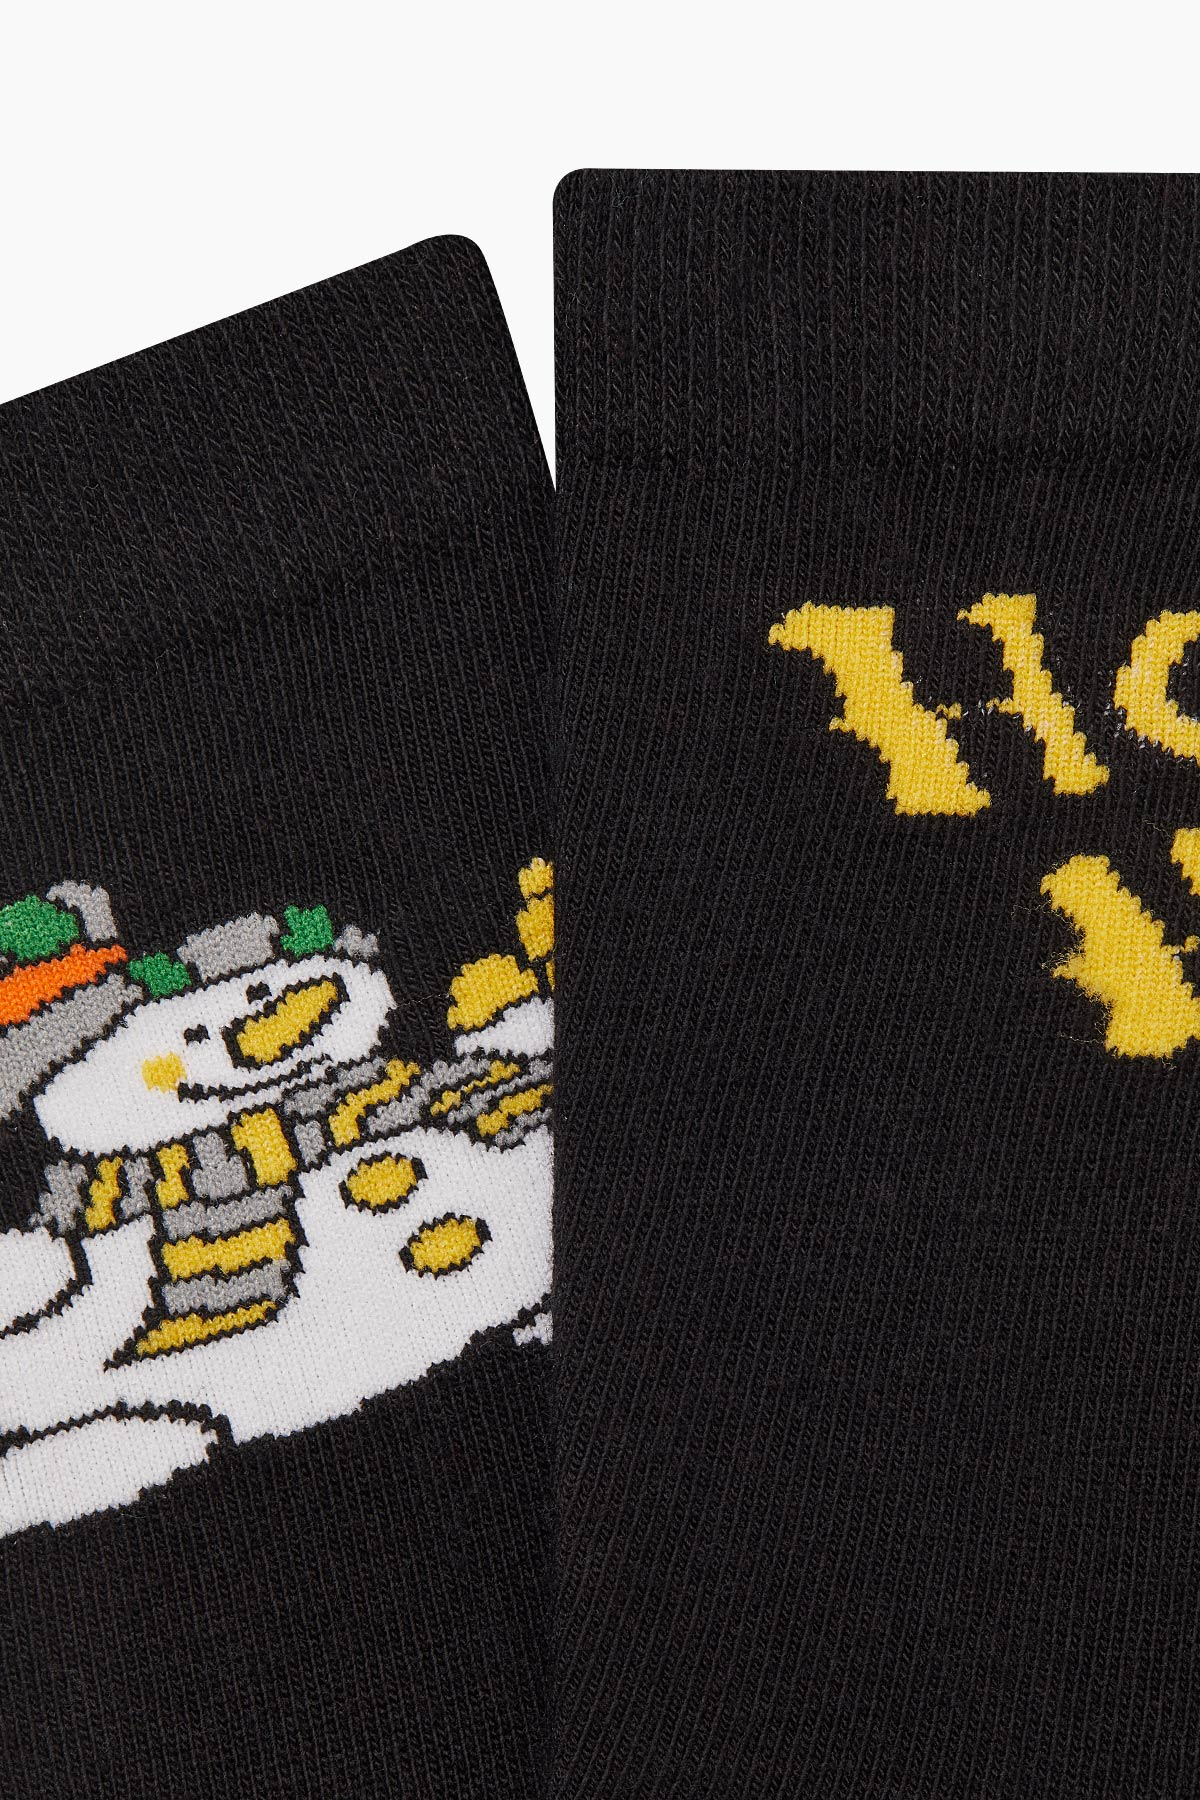 Bross Ho Ho Yazılı Unisex Yılbaşı Çorabı - Thumbnail